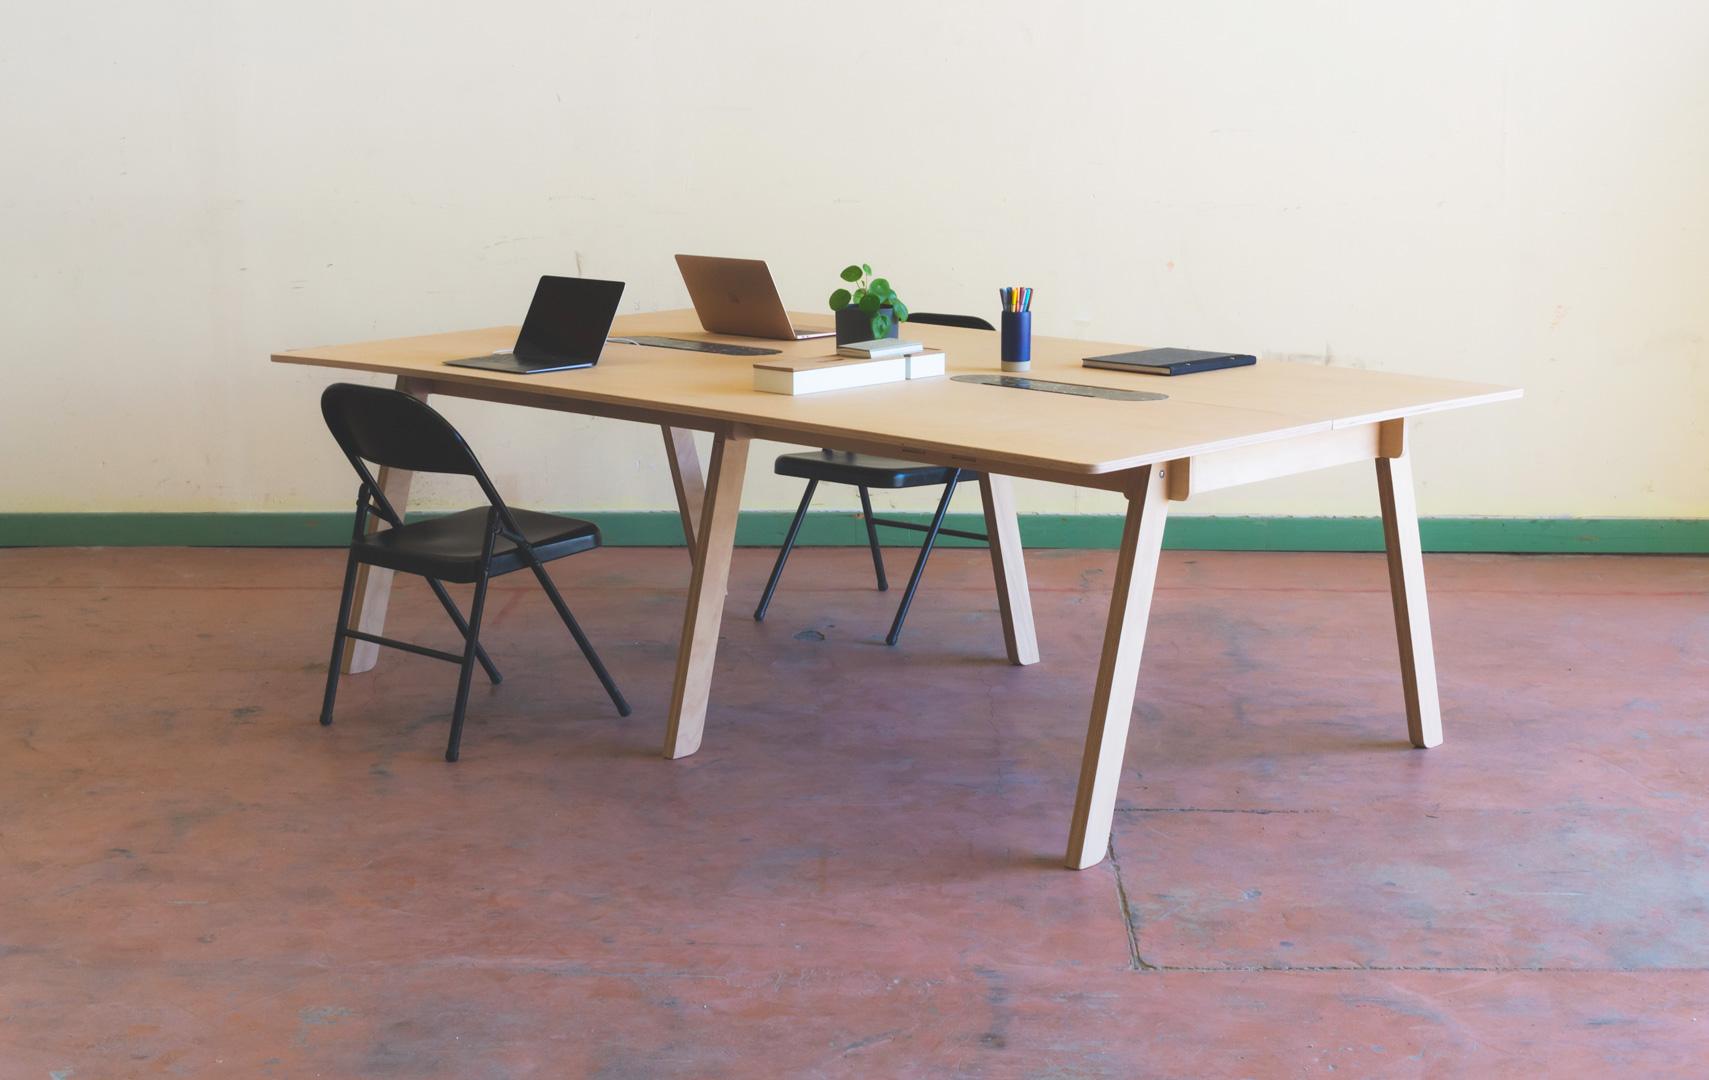 Table de réunion valoriser des déchets - réemploi - design produit agence entreautre drôme